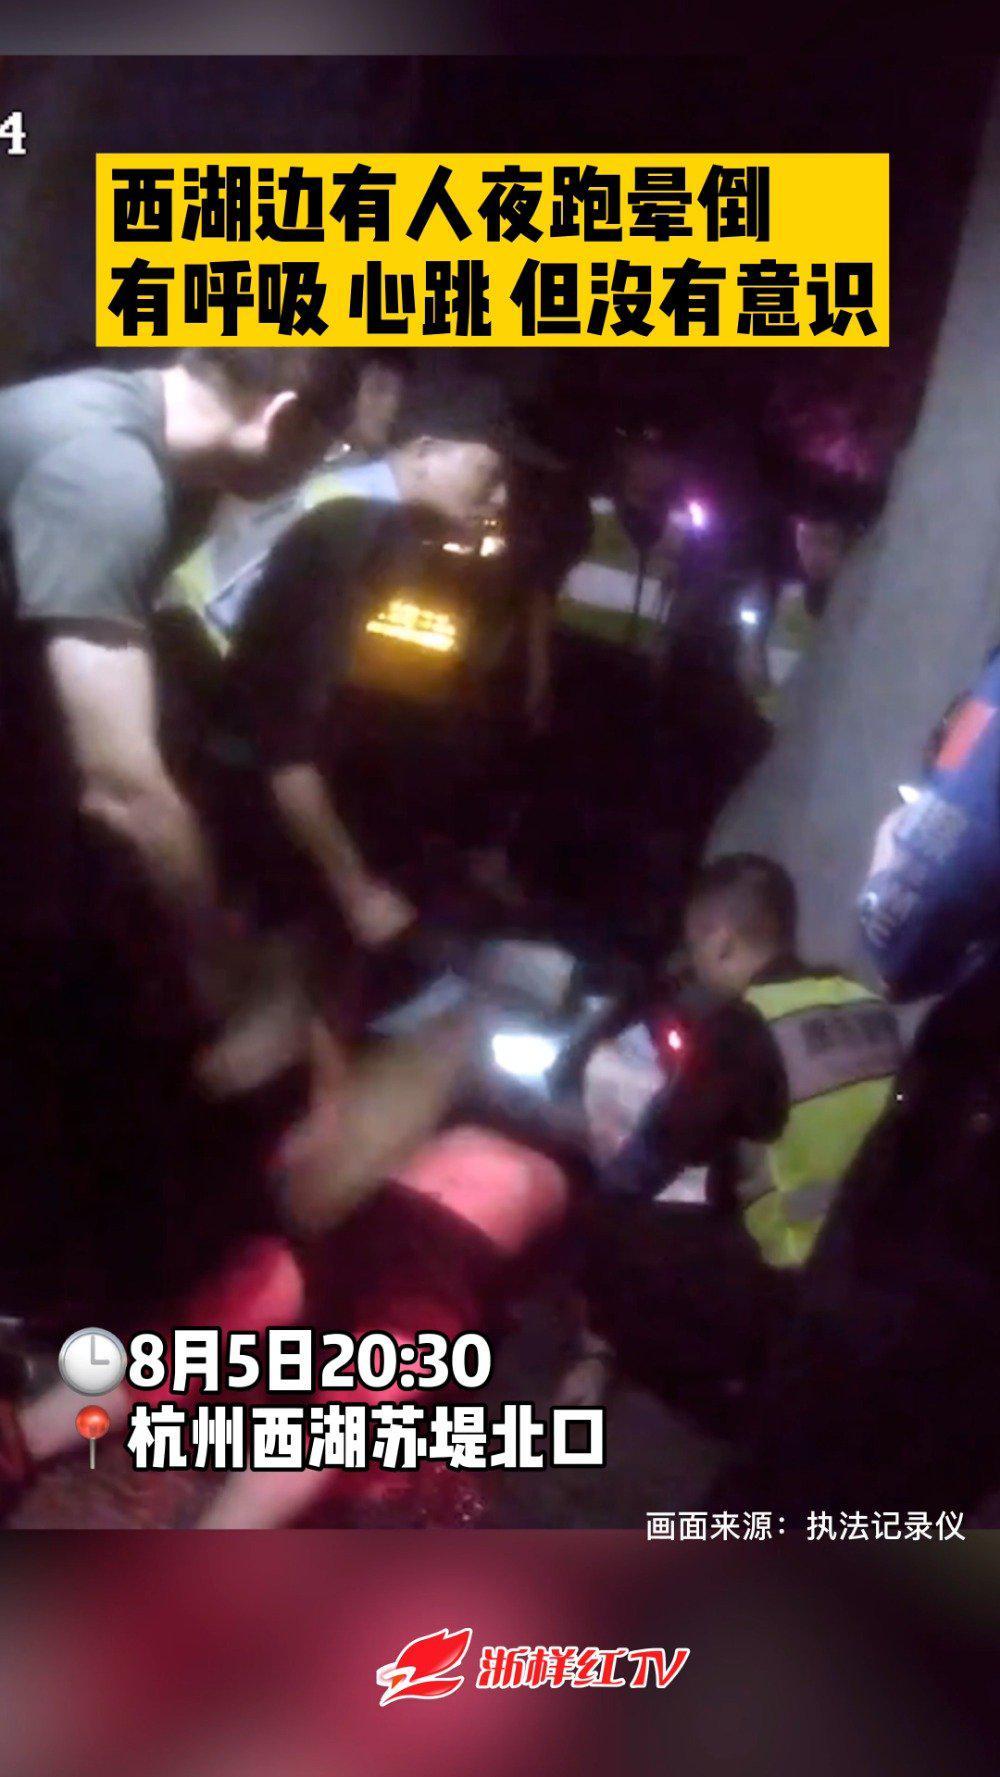 杭州30岁跑友长跑一小时晕倒西湖边